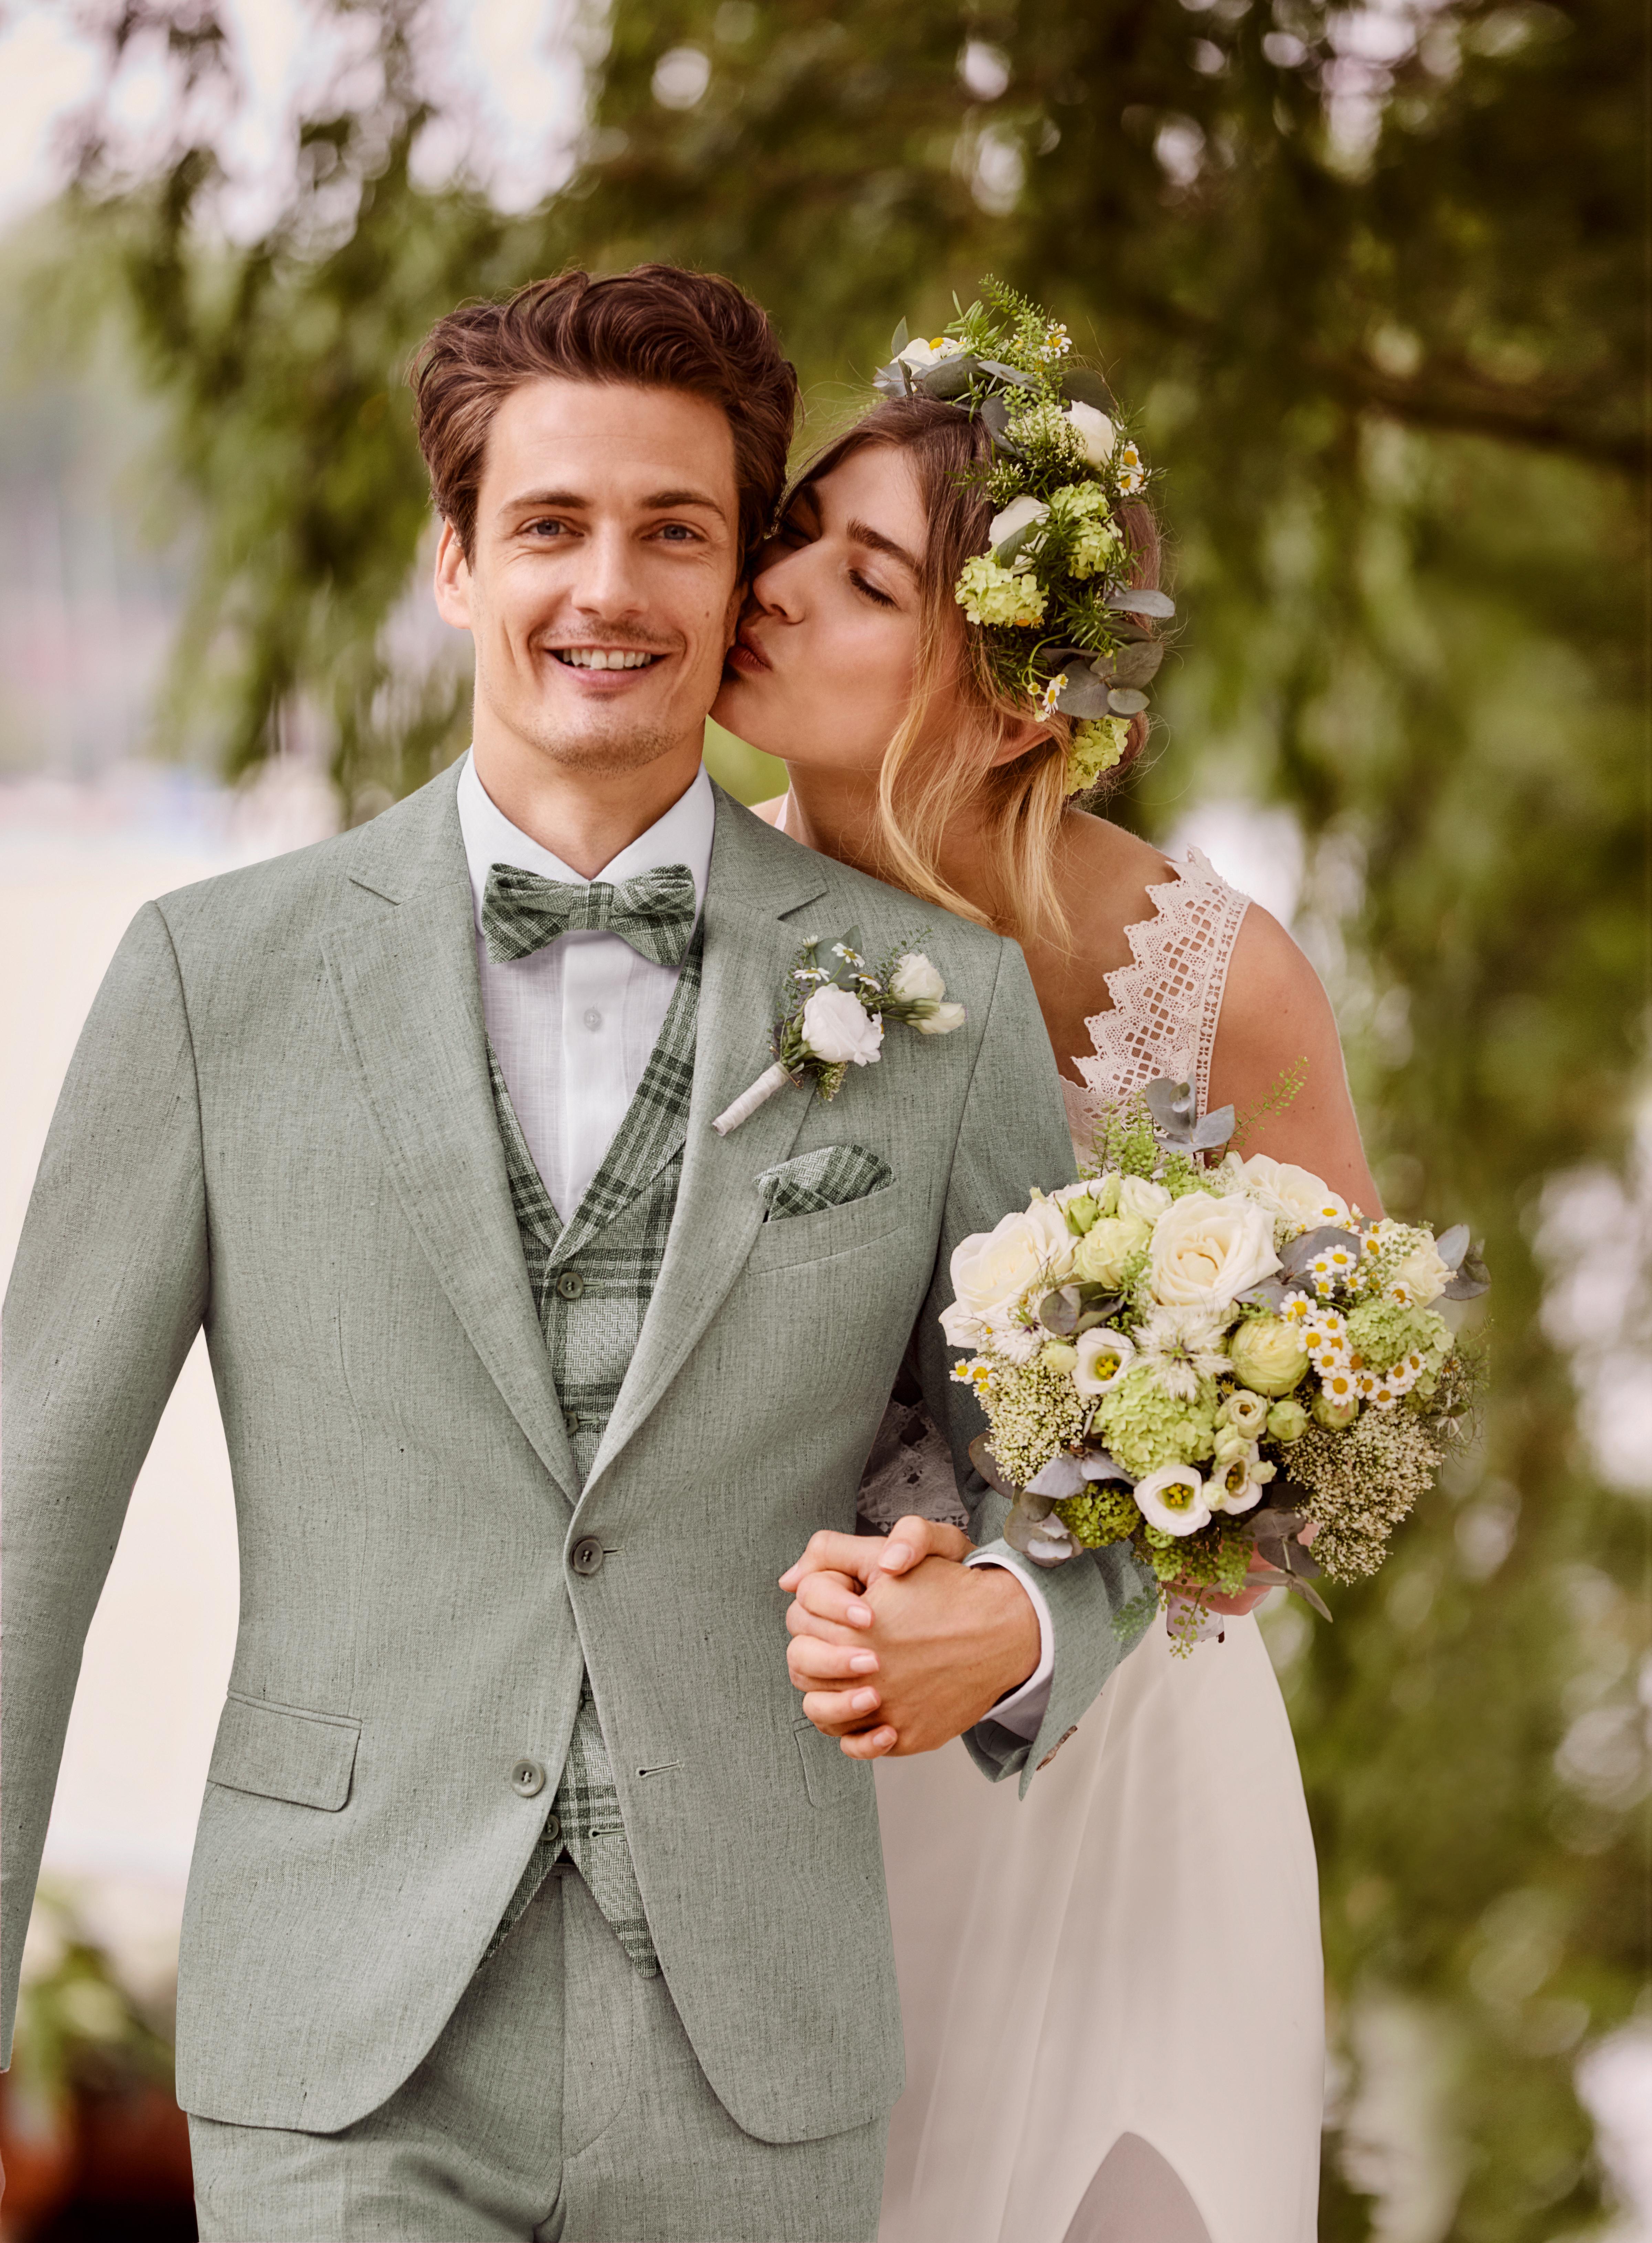 wil_0121_kam_at-gala-vintage-wedding-Look1_2